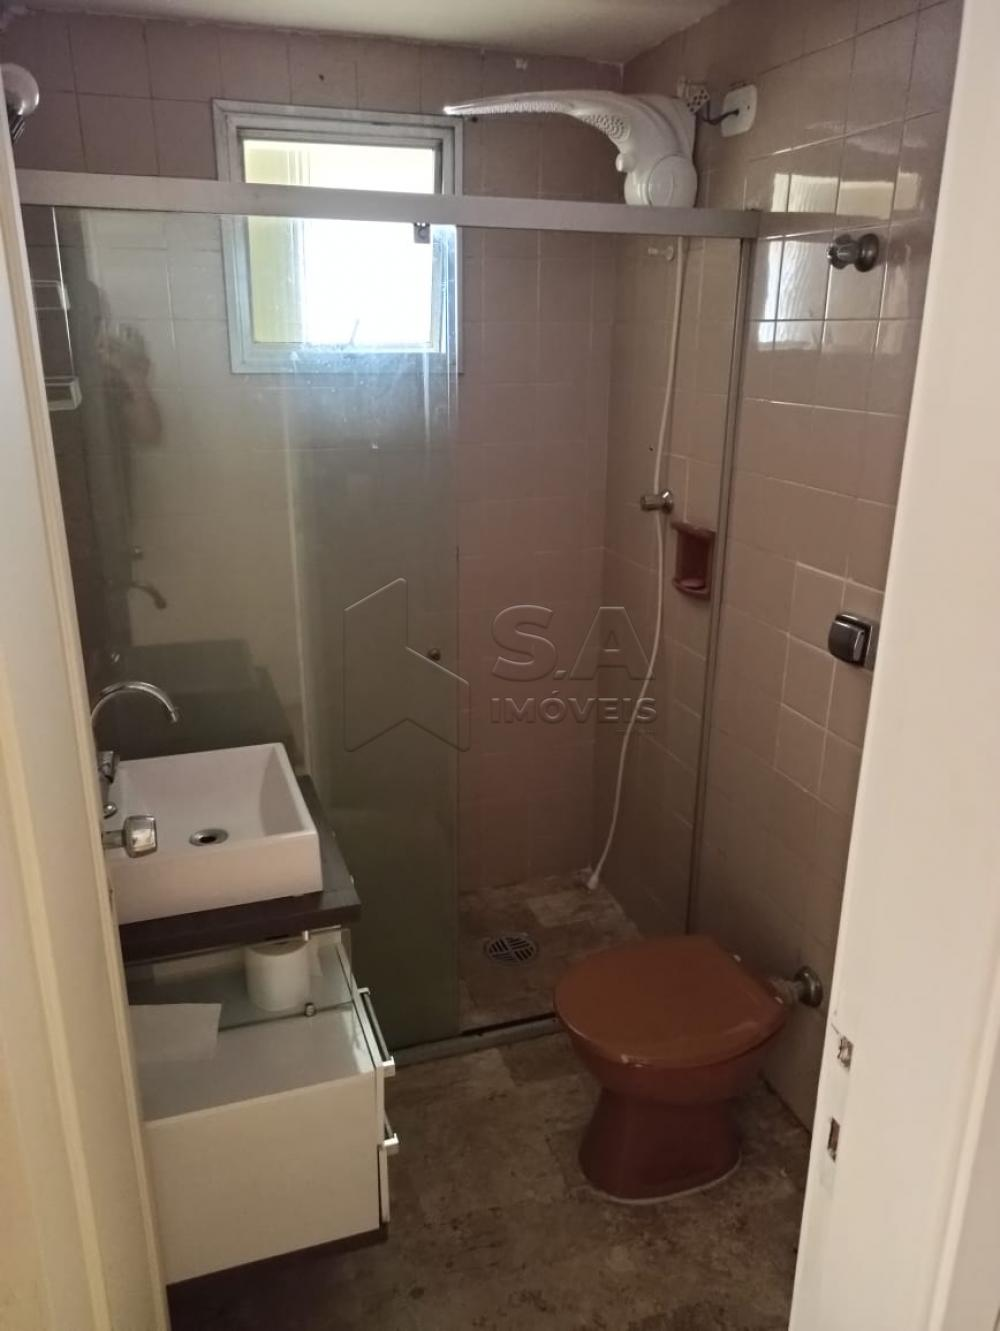 Comprar Apartamento / Padrão em São Paulo apenas R$ 650.000,00 - Foto 10